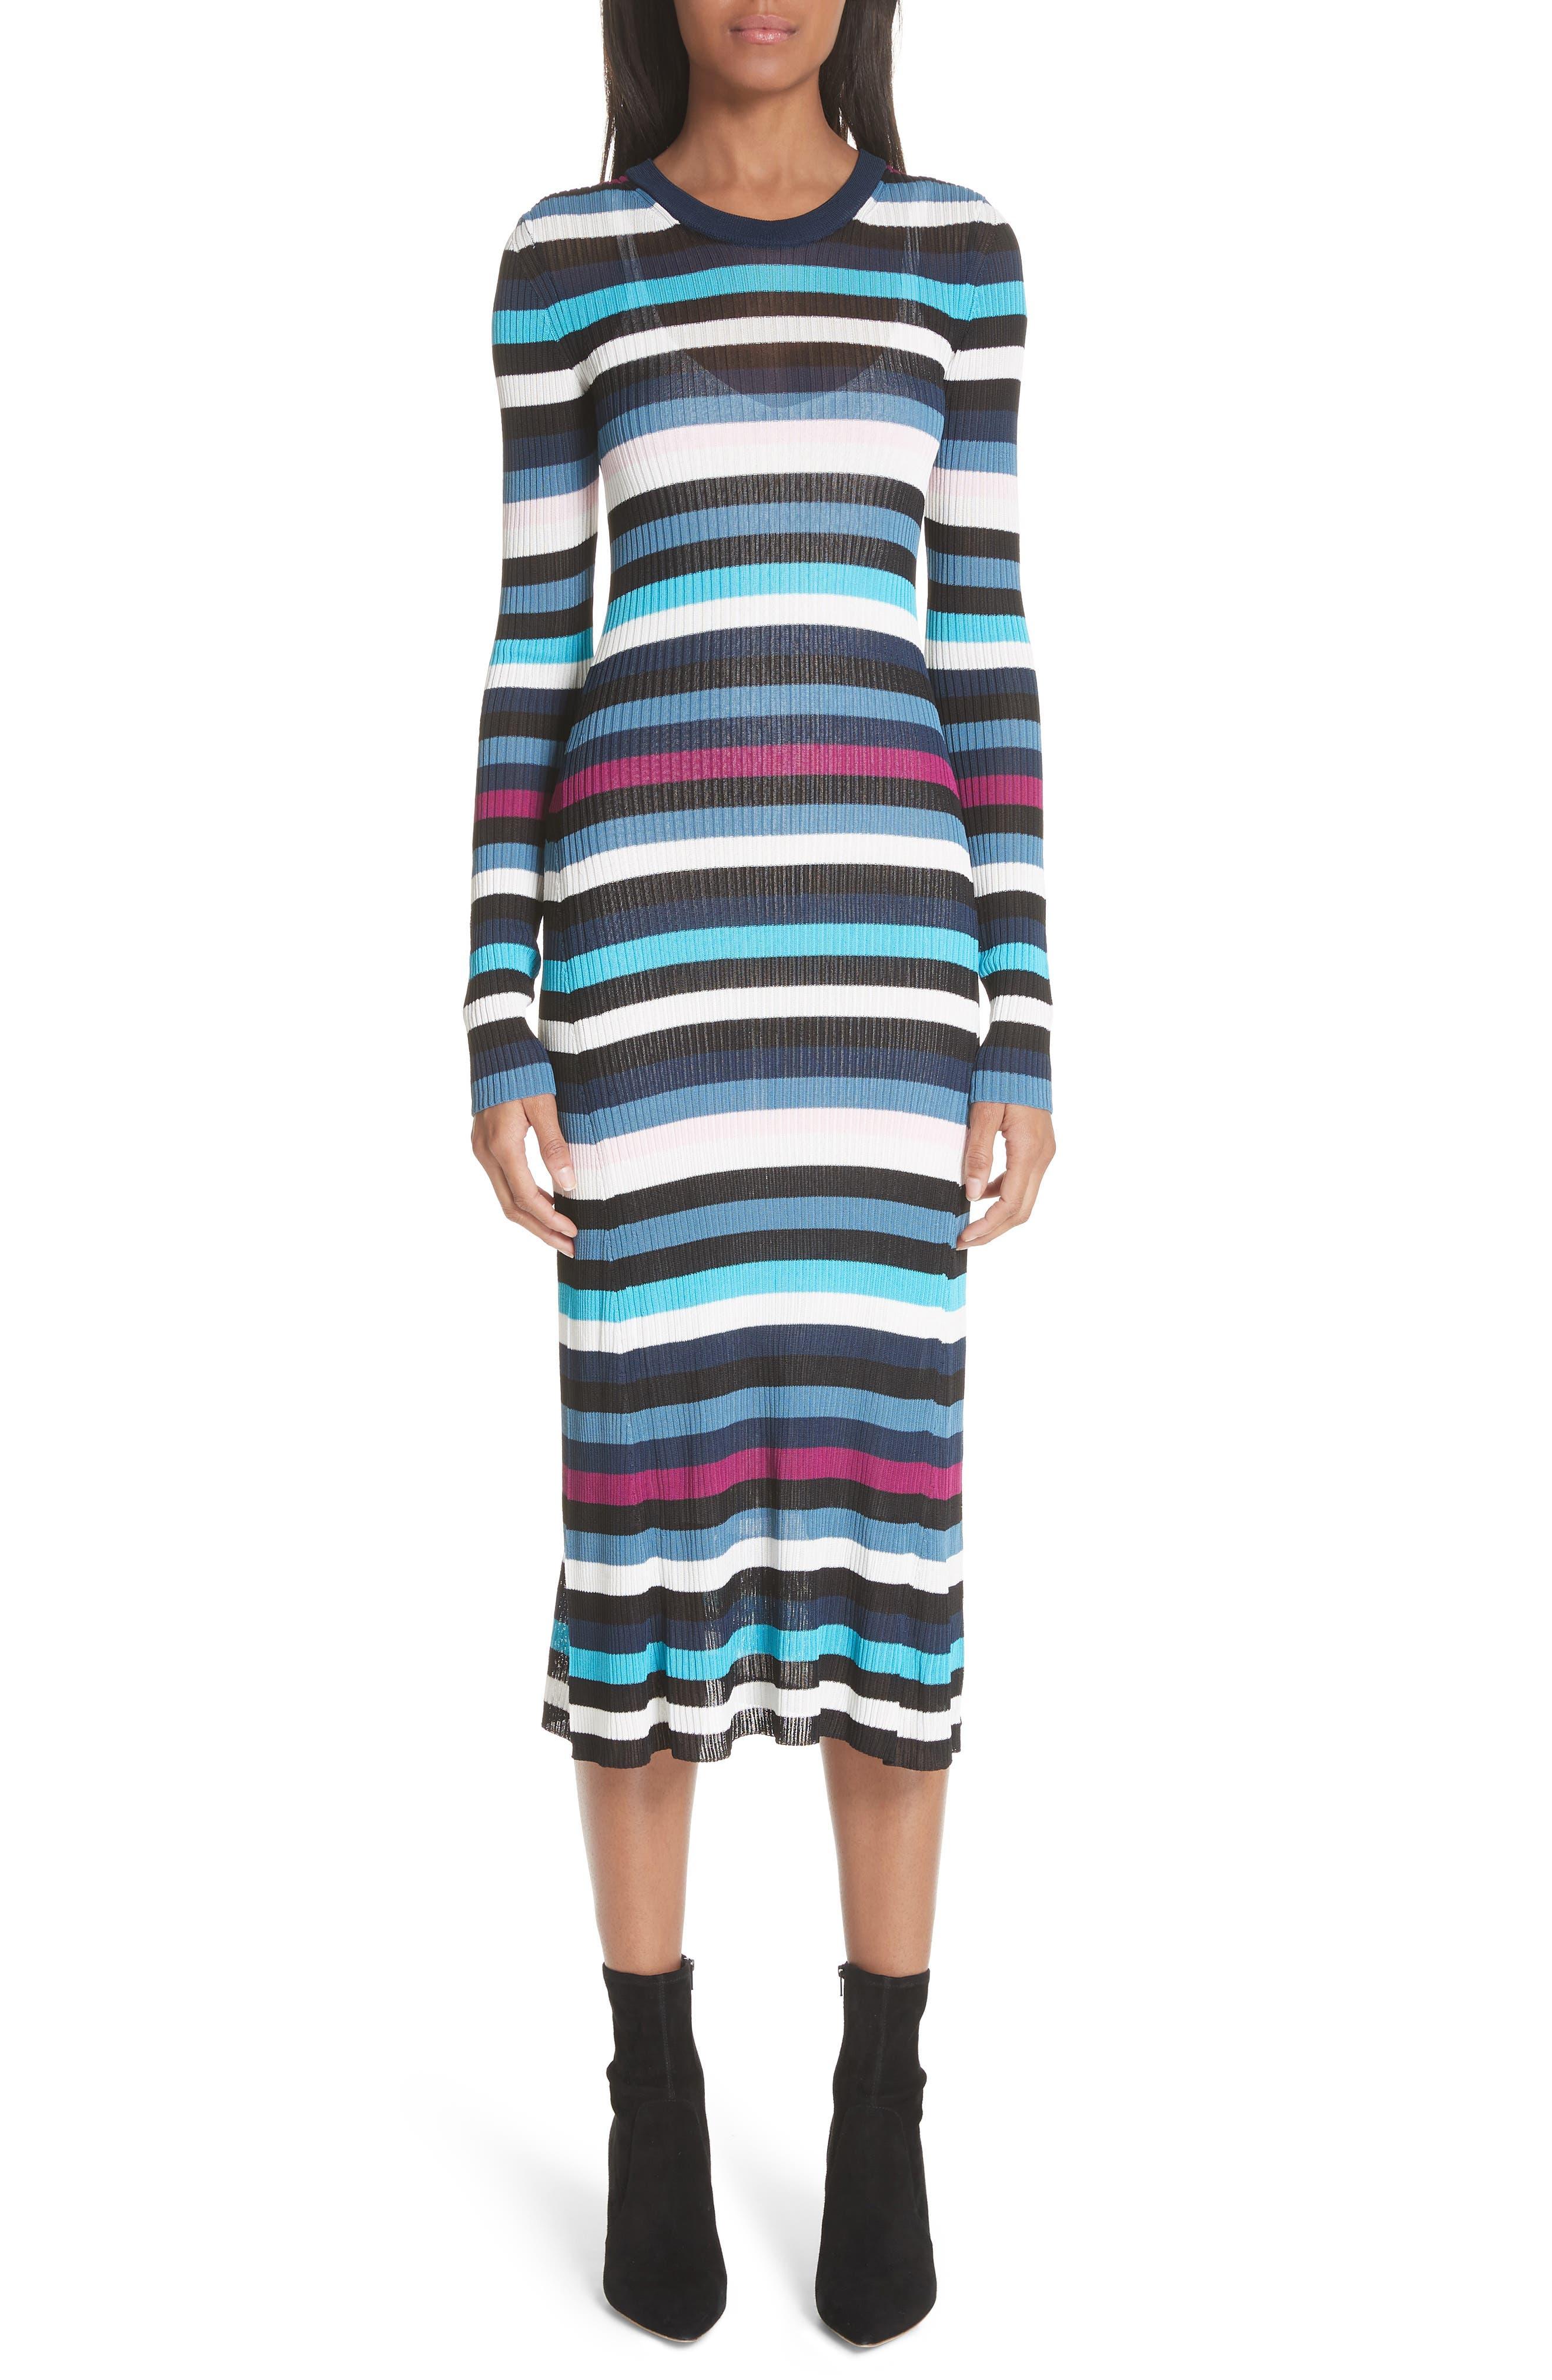 Stills Stripe Rib Knit Dress by Altuzarra